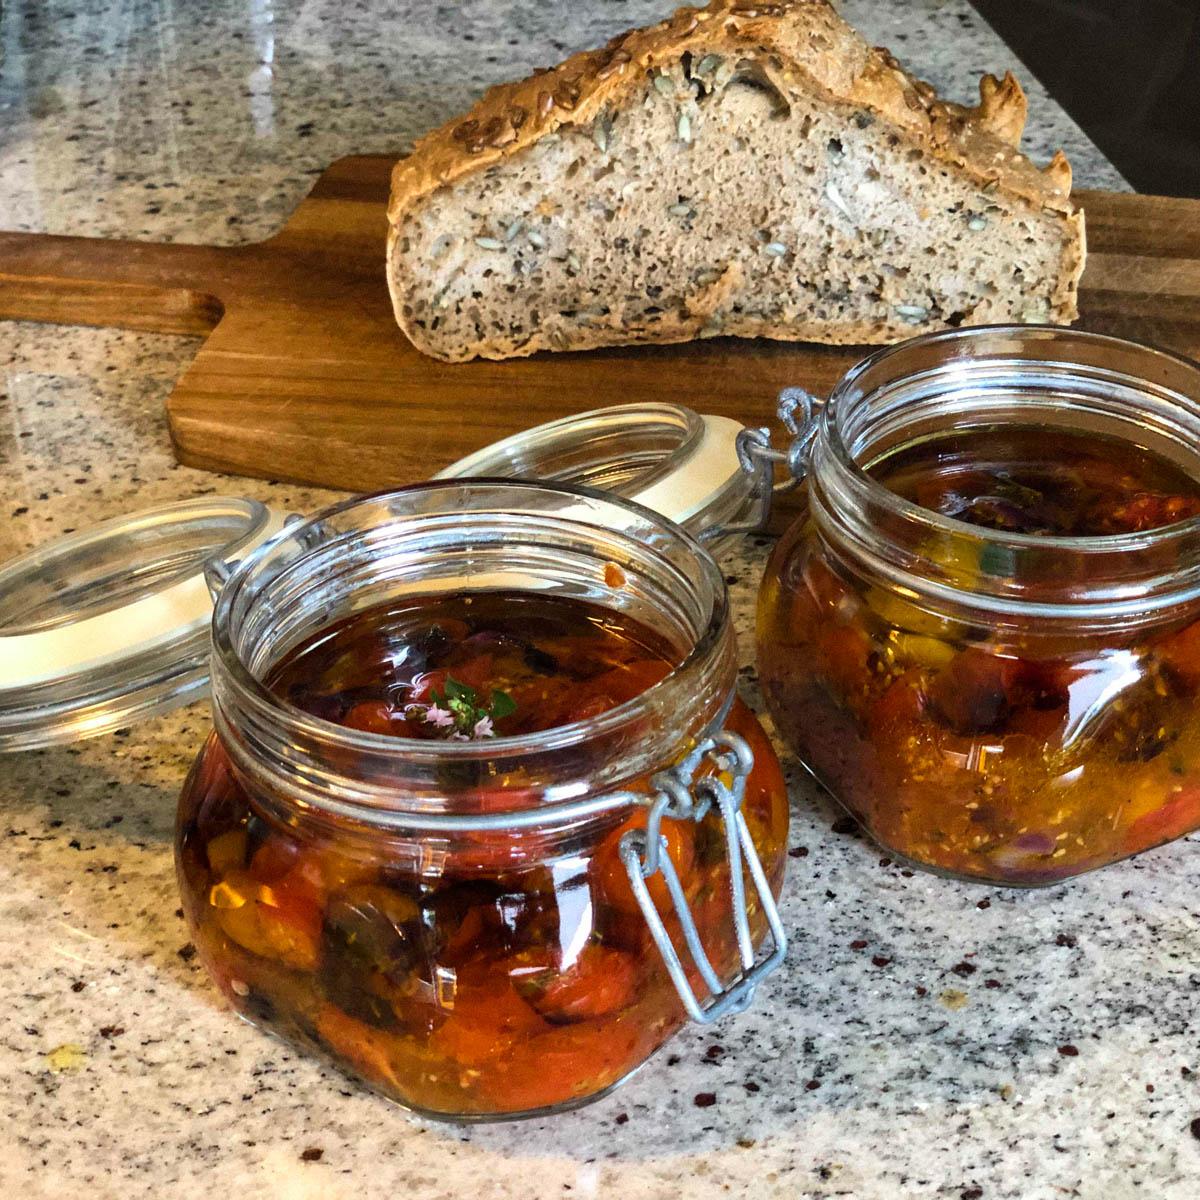 De ingemaakte tomaatjes uit de Makkelijke Moestuin